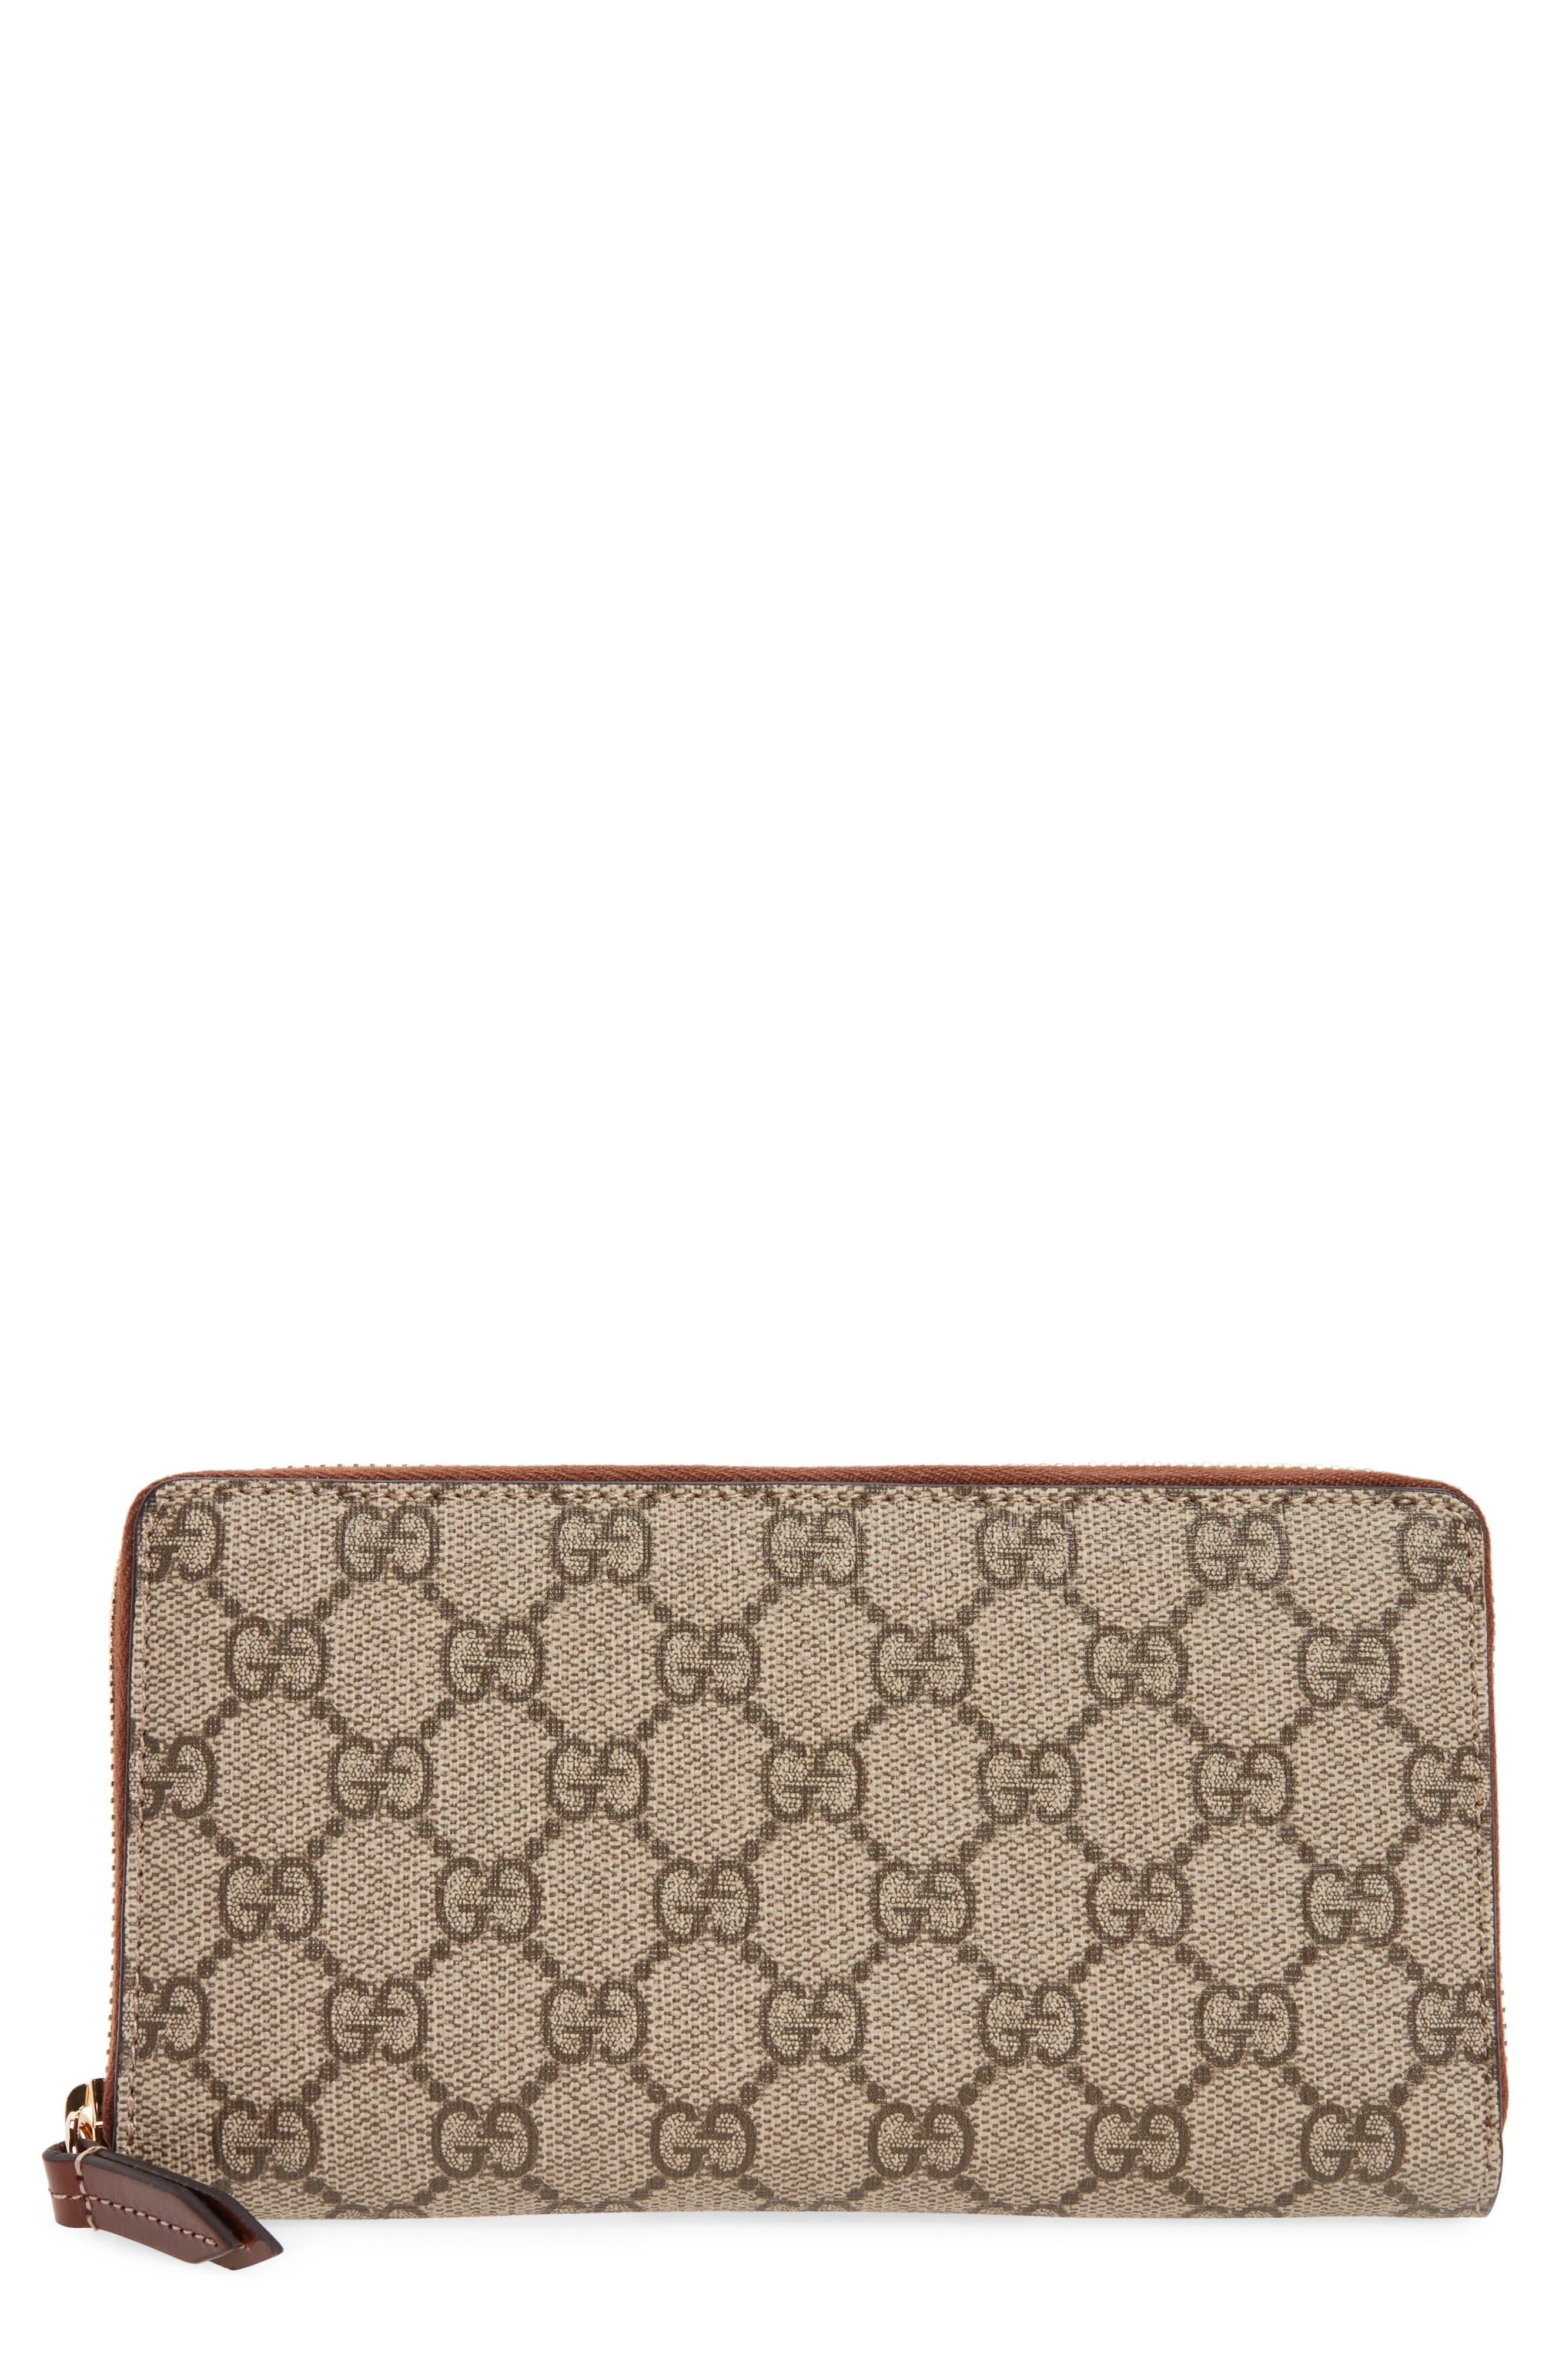 Main Image - Gucci GG Supreme Zip Around Canvas Wallet